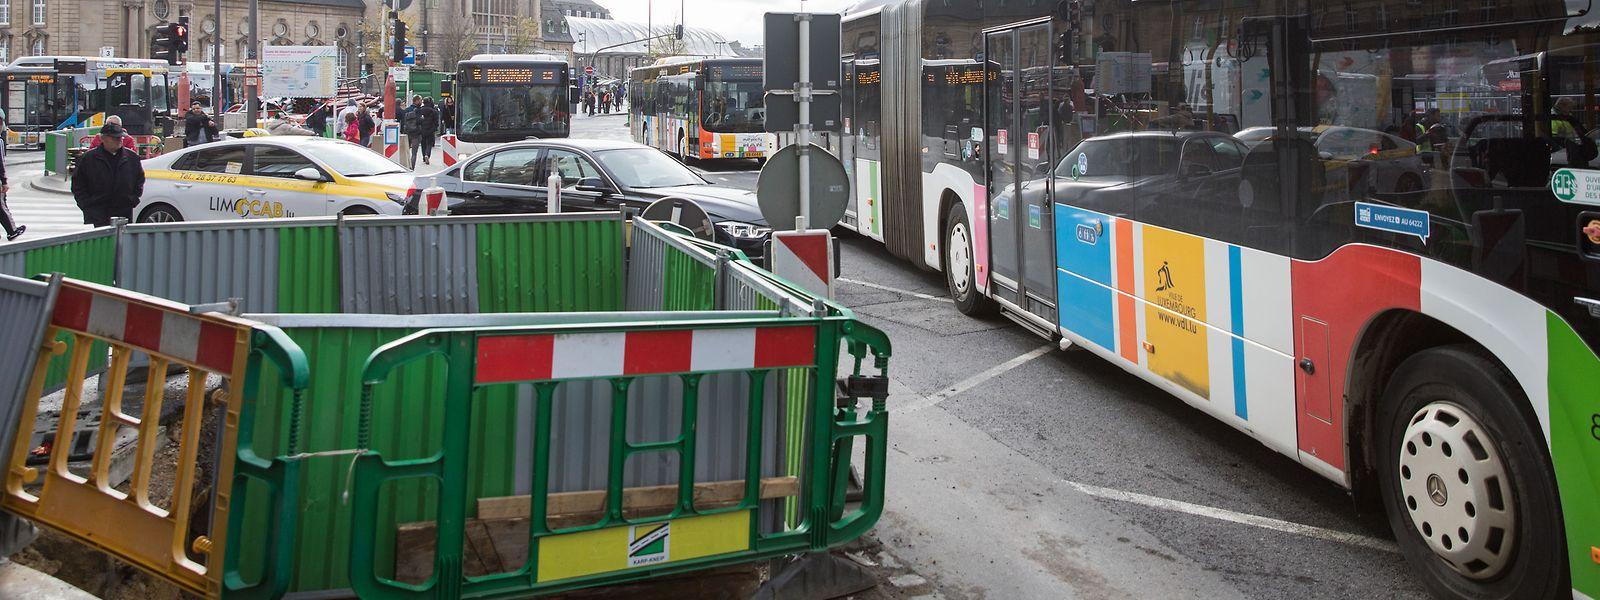 Inzwischen stecken auch die Busse im Stau.